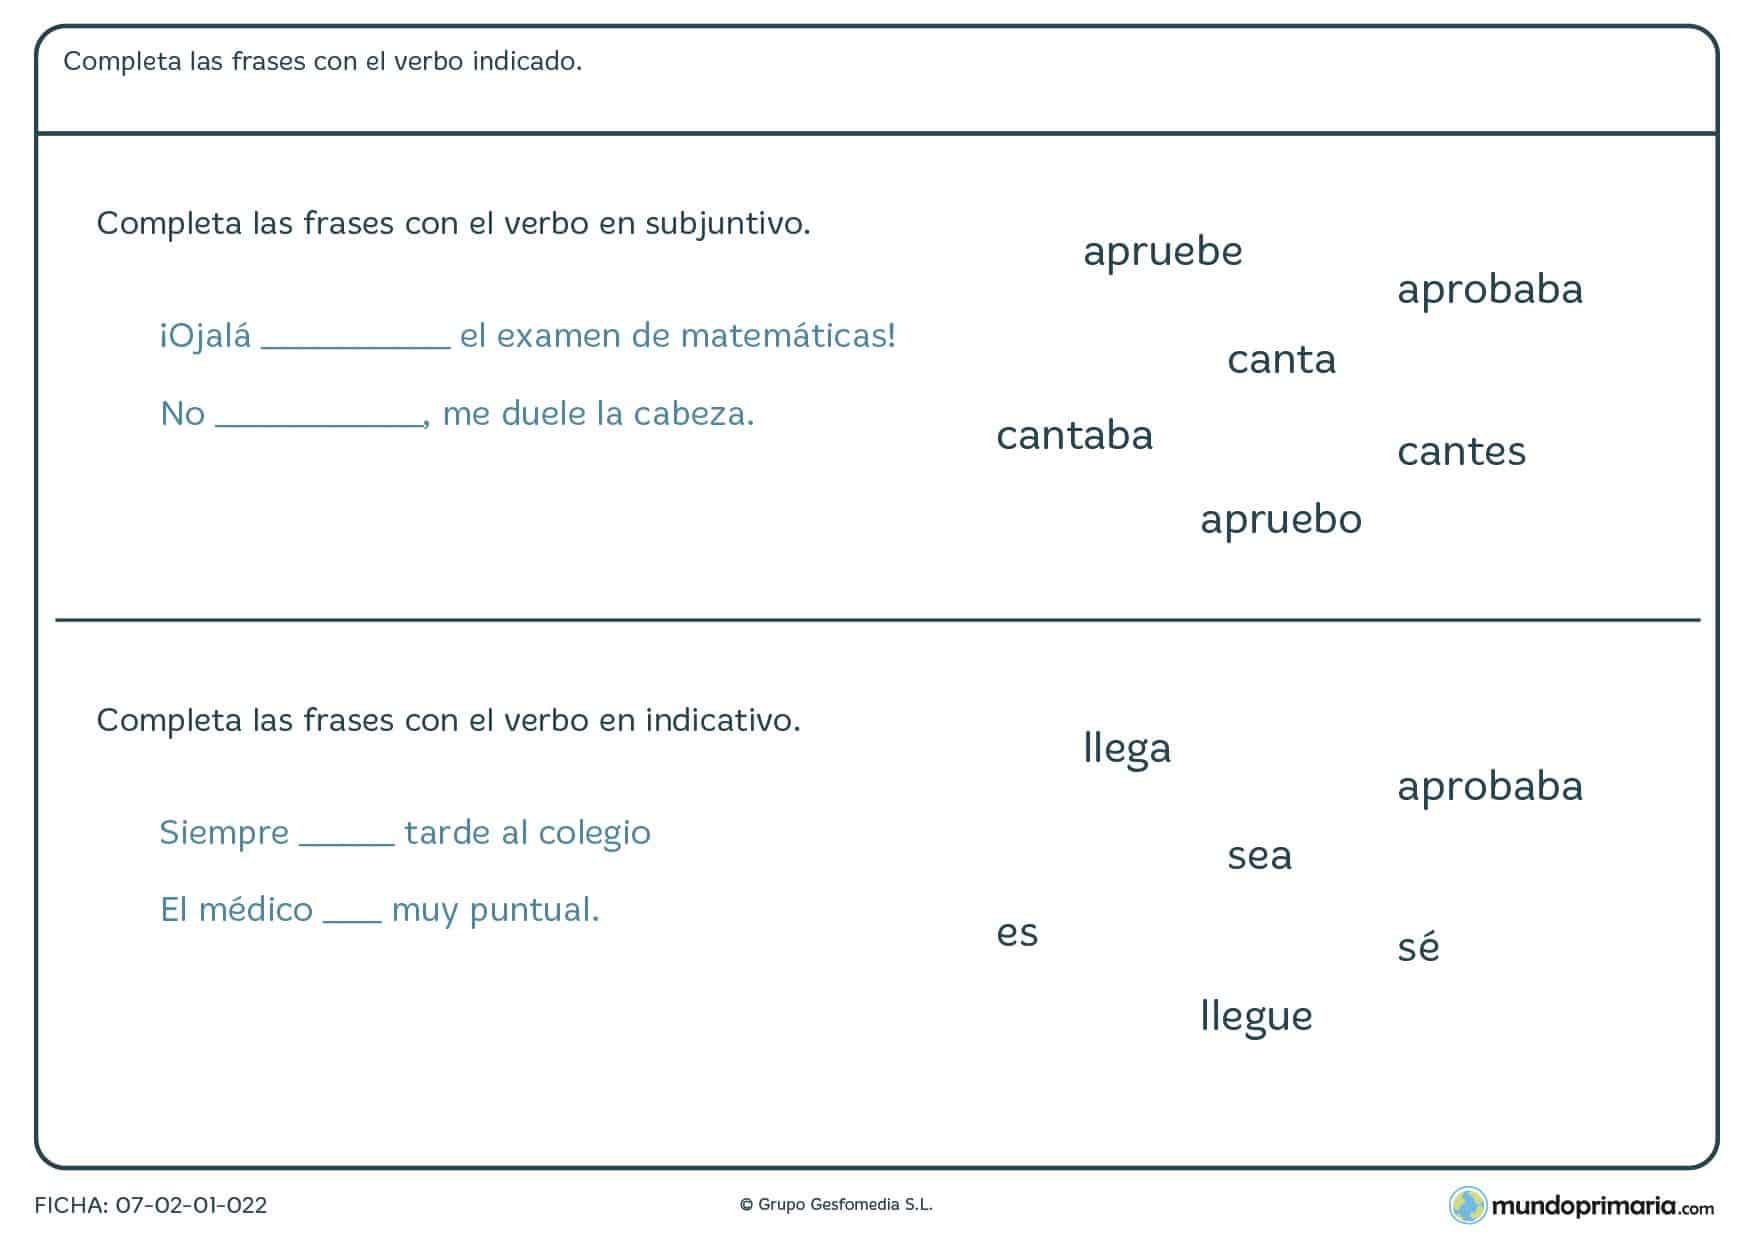 Ficha de completar las frases con el verbo indicado para Primaria